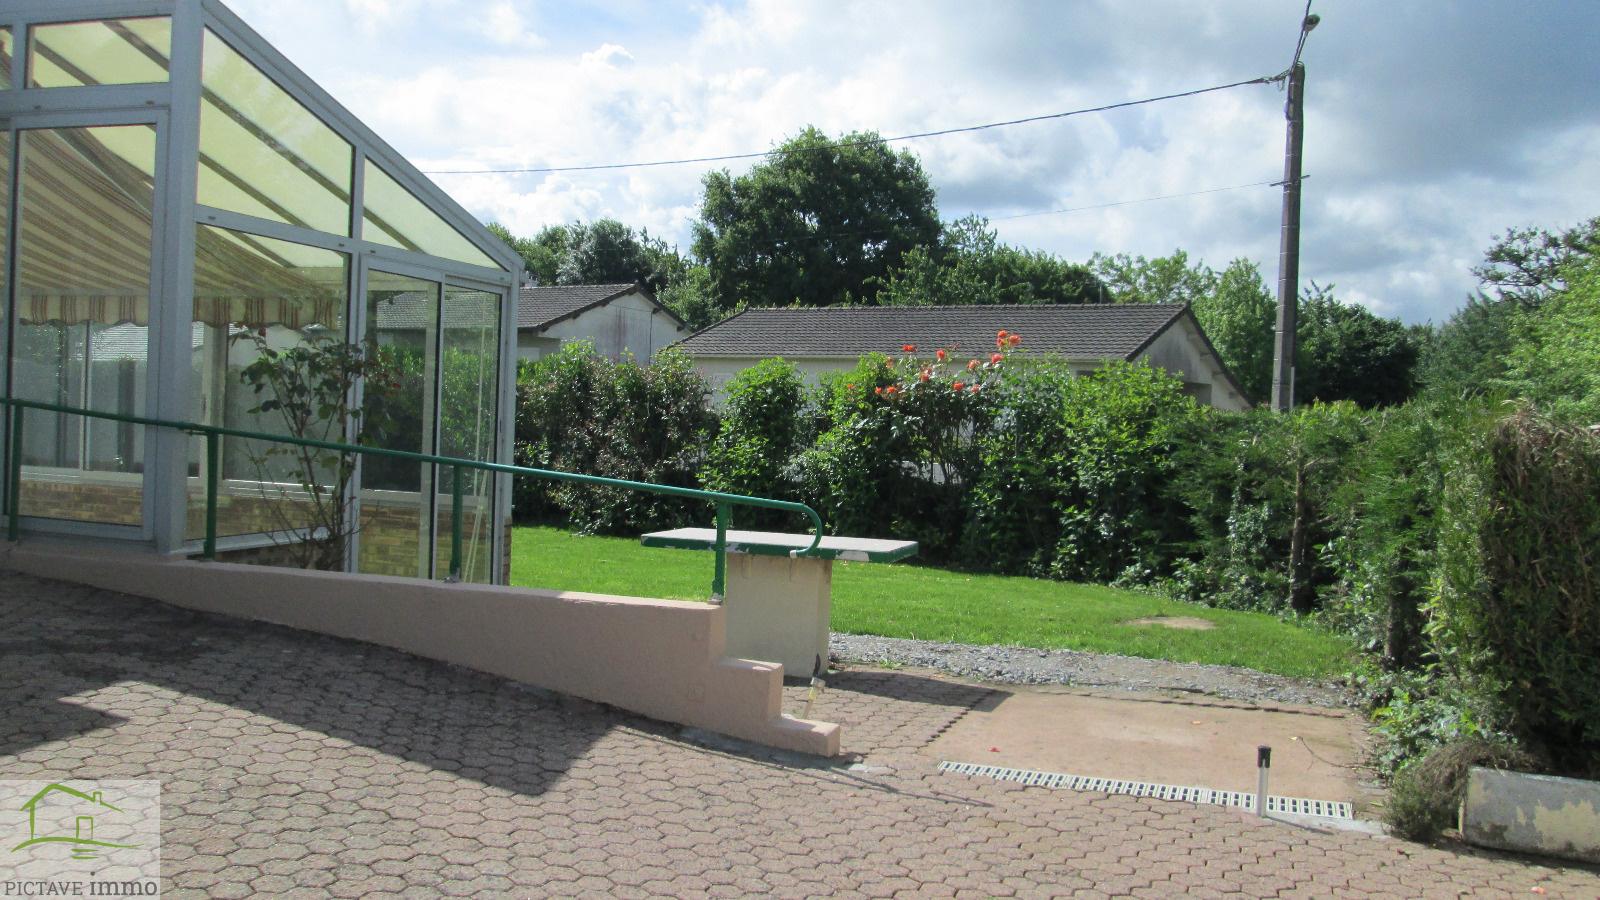 Location a louer maison t3 centre vasles for Jardin potager a louer 78